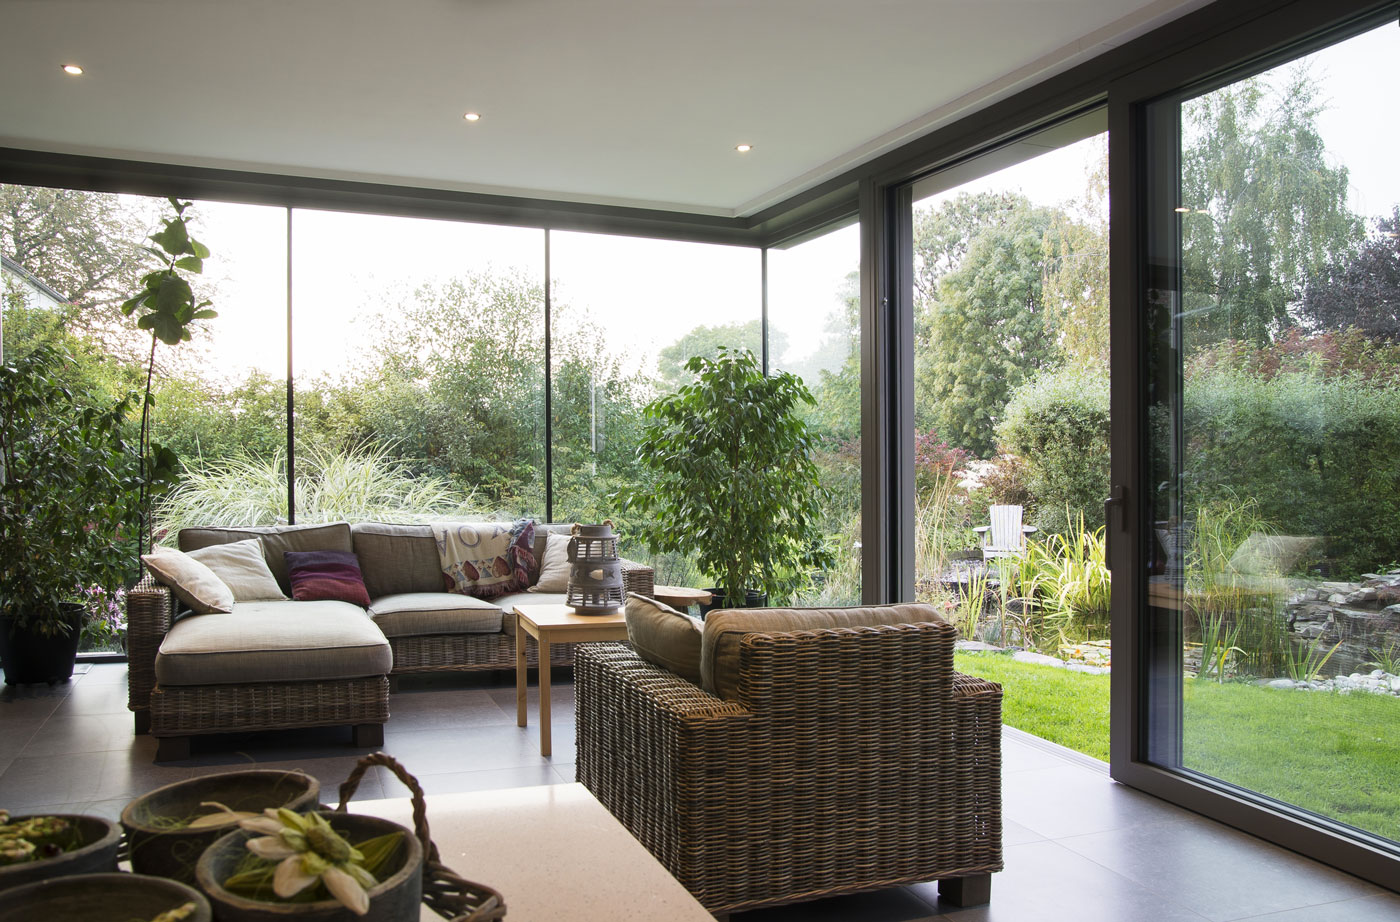 Giardini d inverno per impreziosire la tua casa in fissa per - Giardino d inverno in terrazza ...